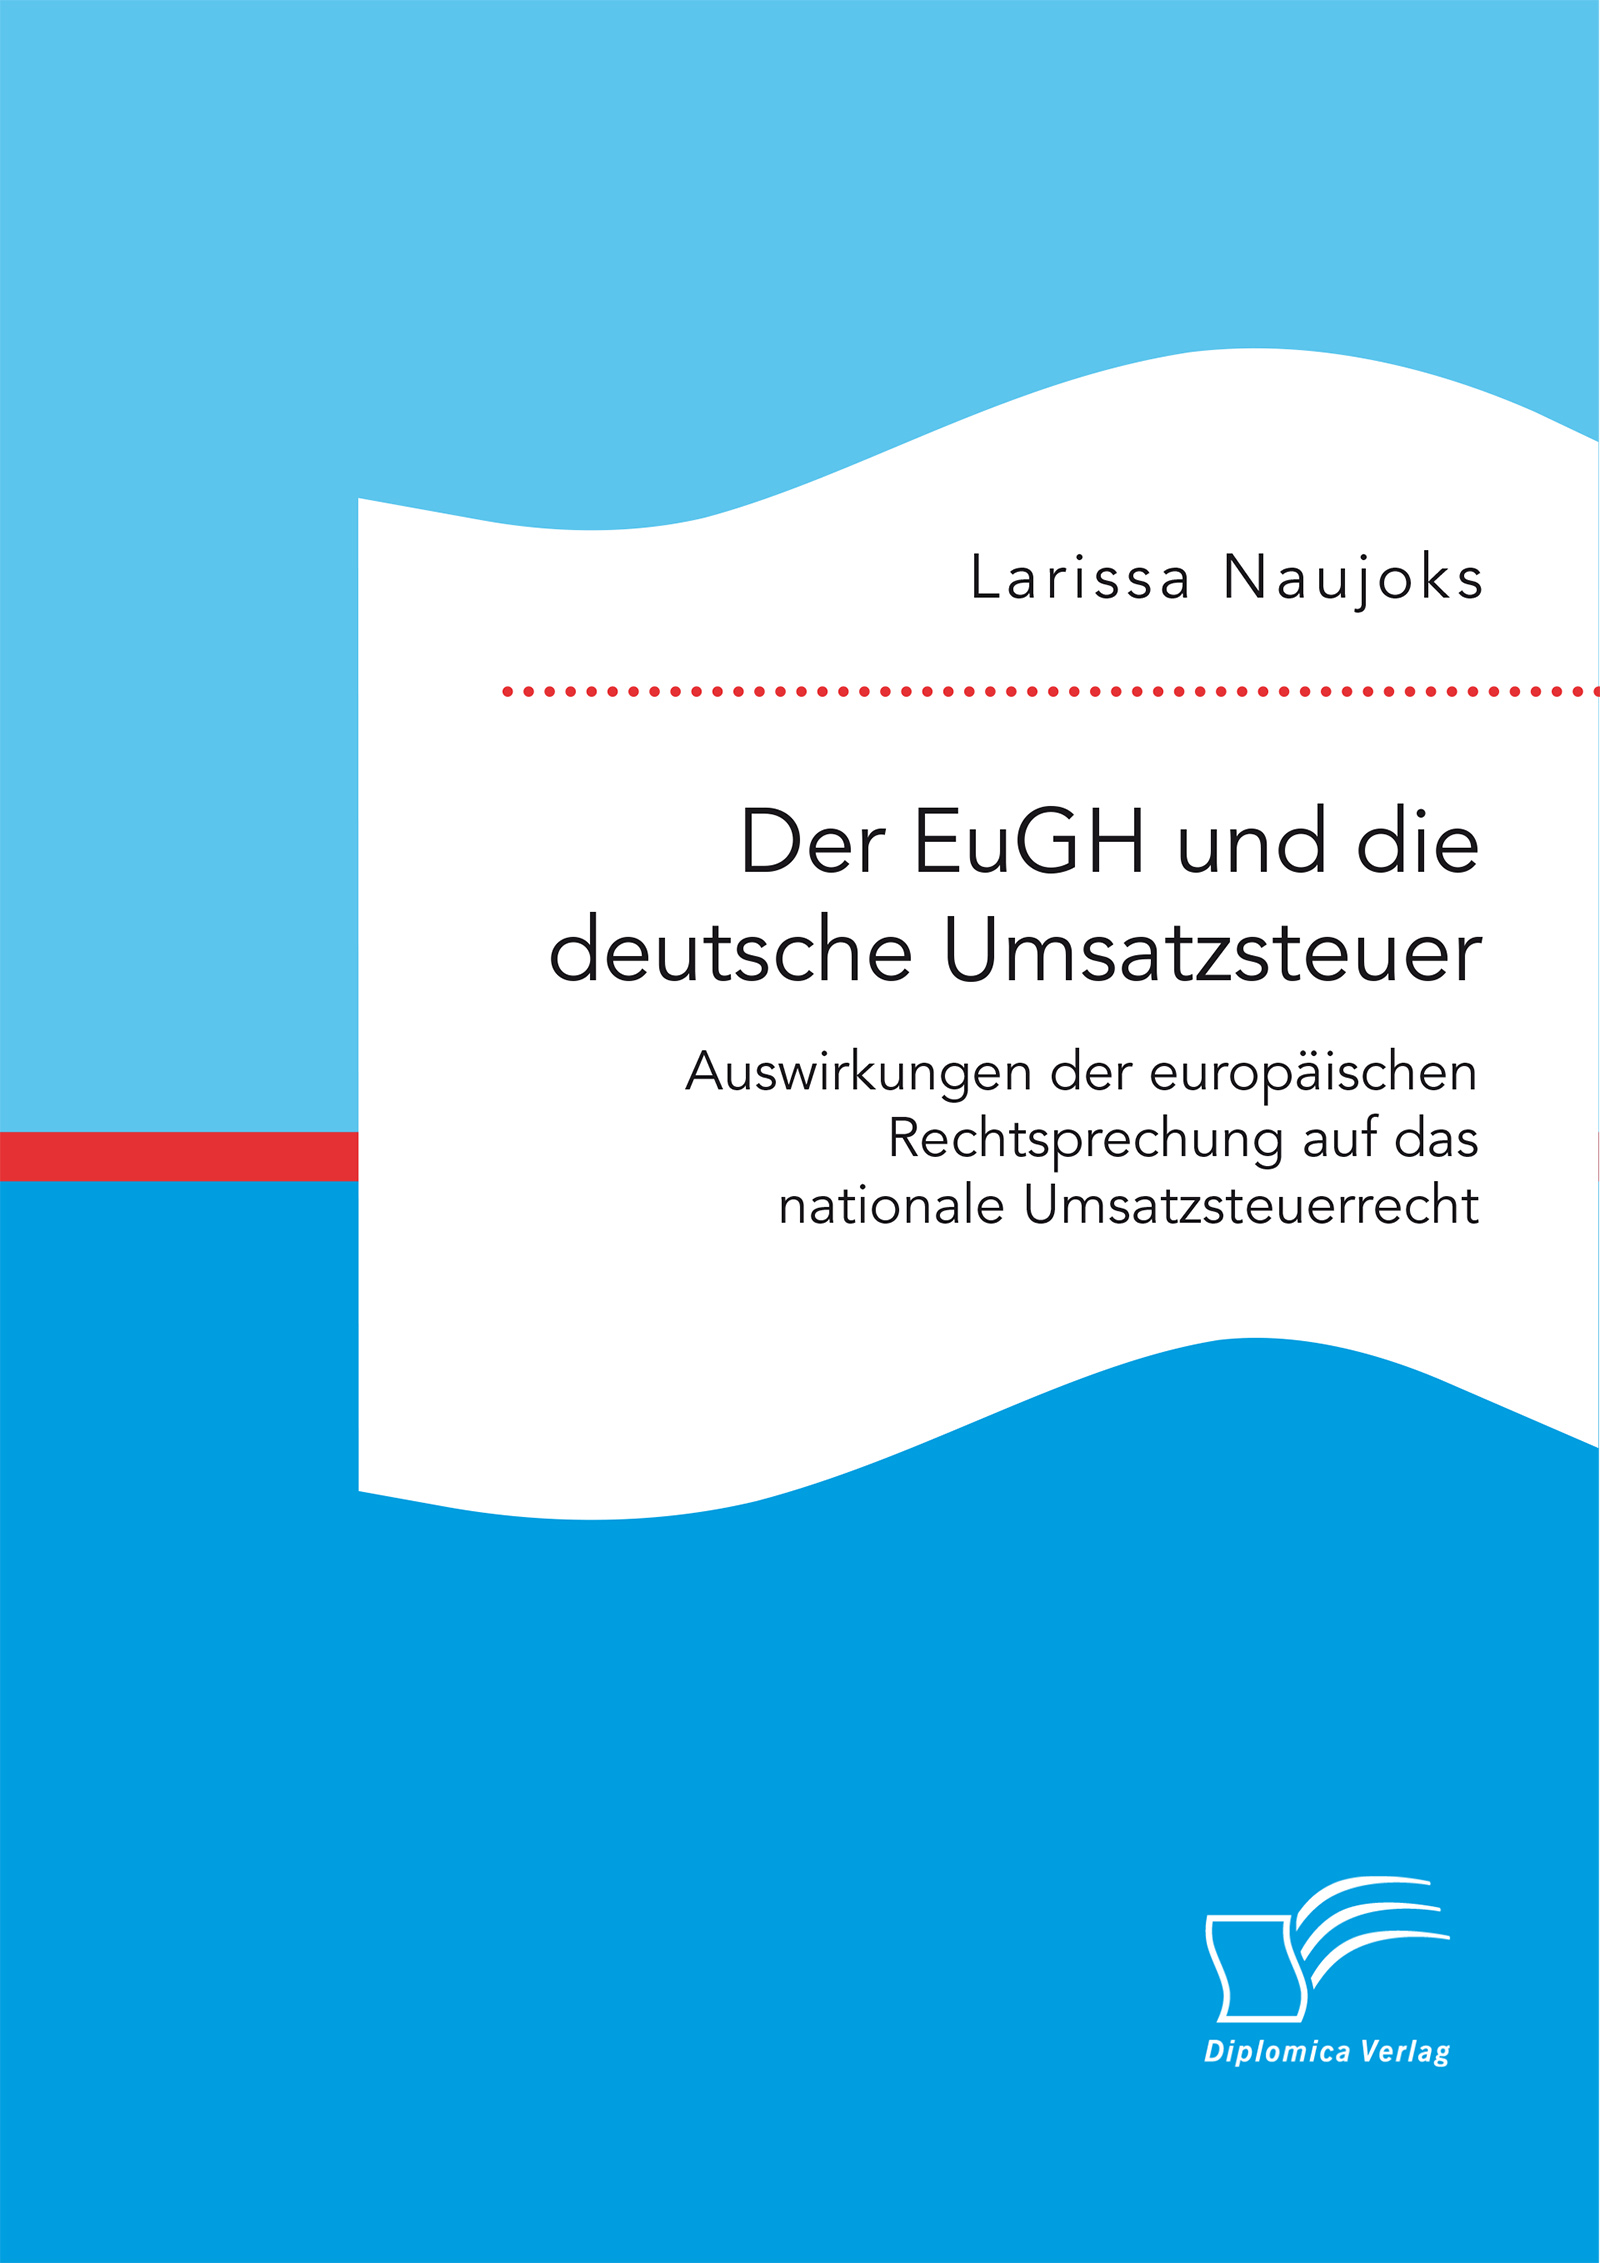 amazon deutsche umsatzsteuer